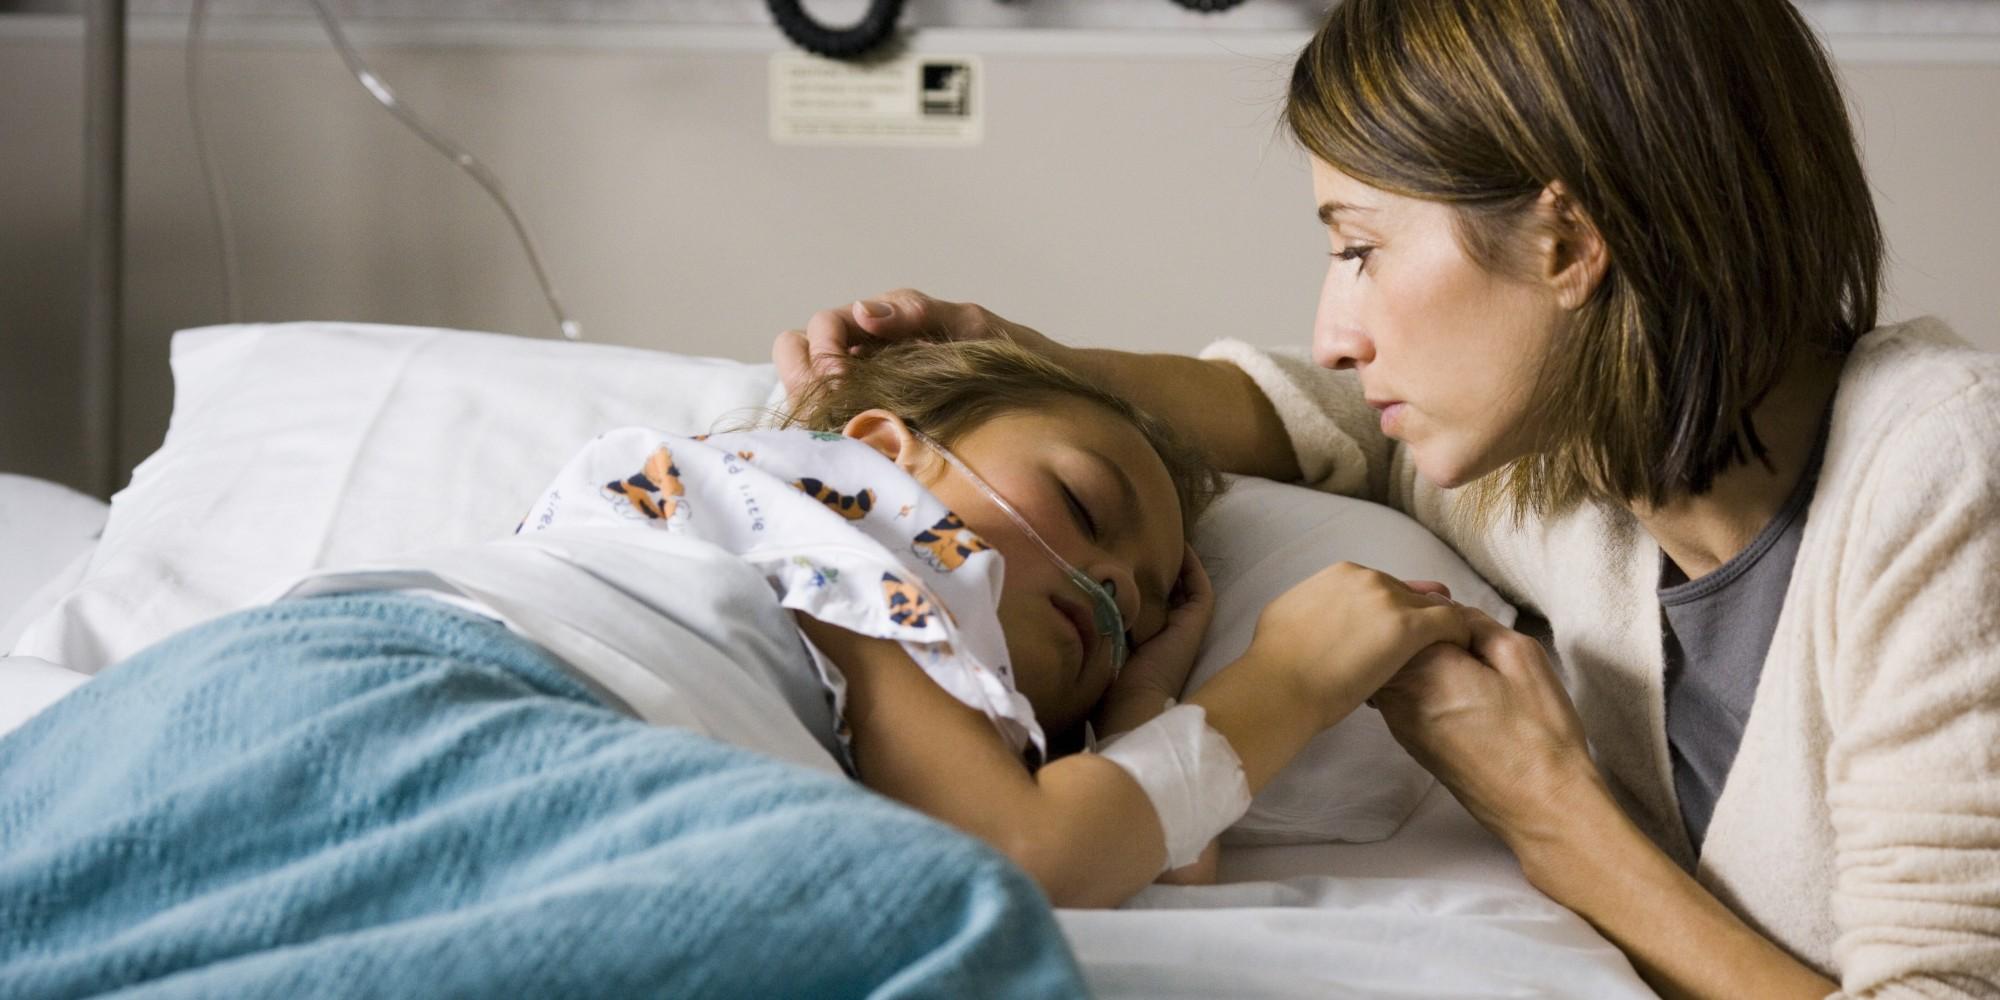 Mon Enfant A Une Tumeur Ce Que Je Ne Veux Surtout PAS